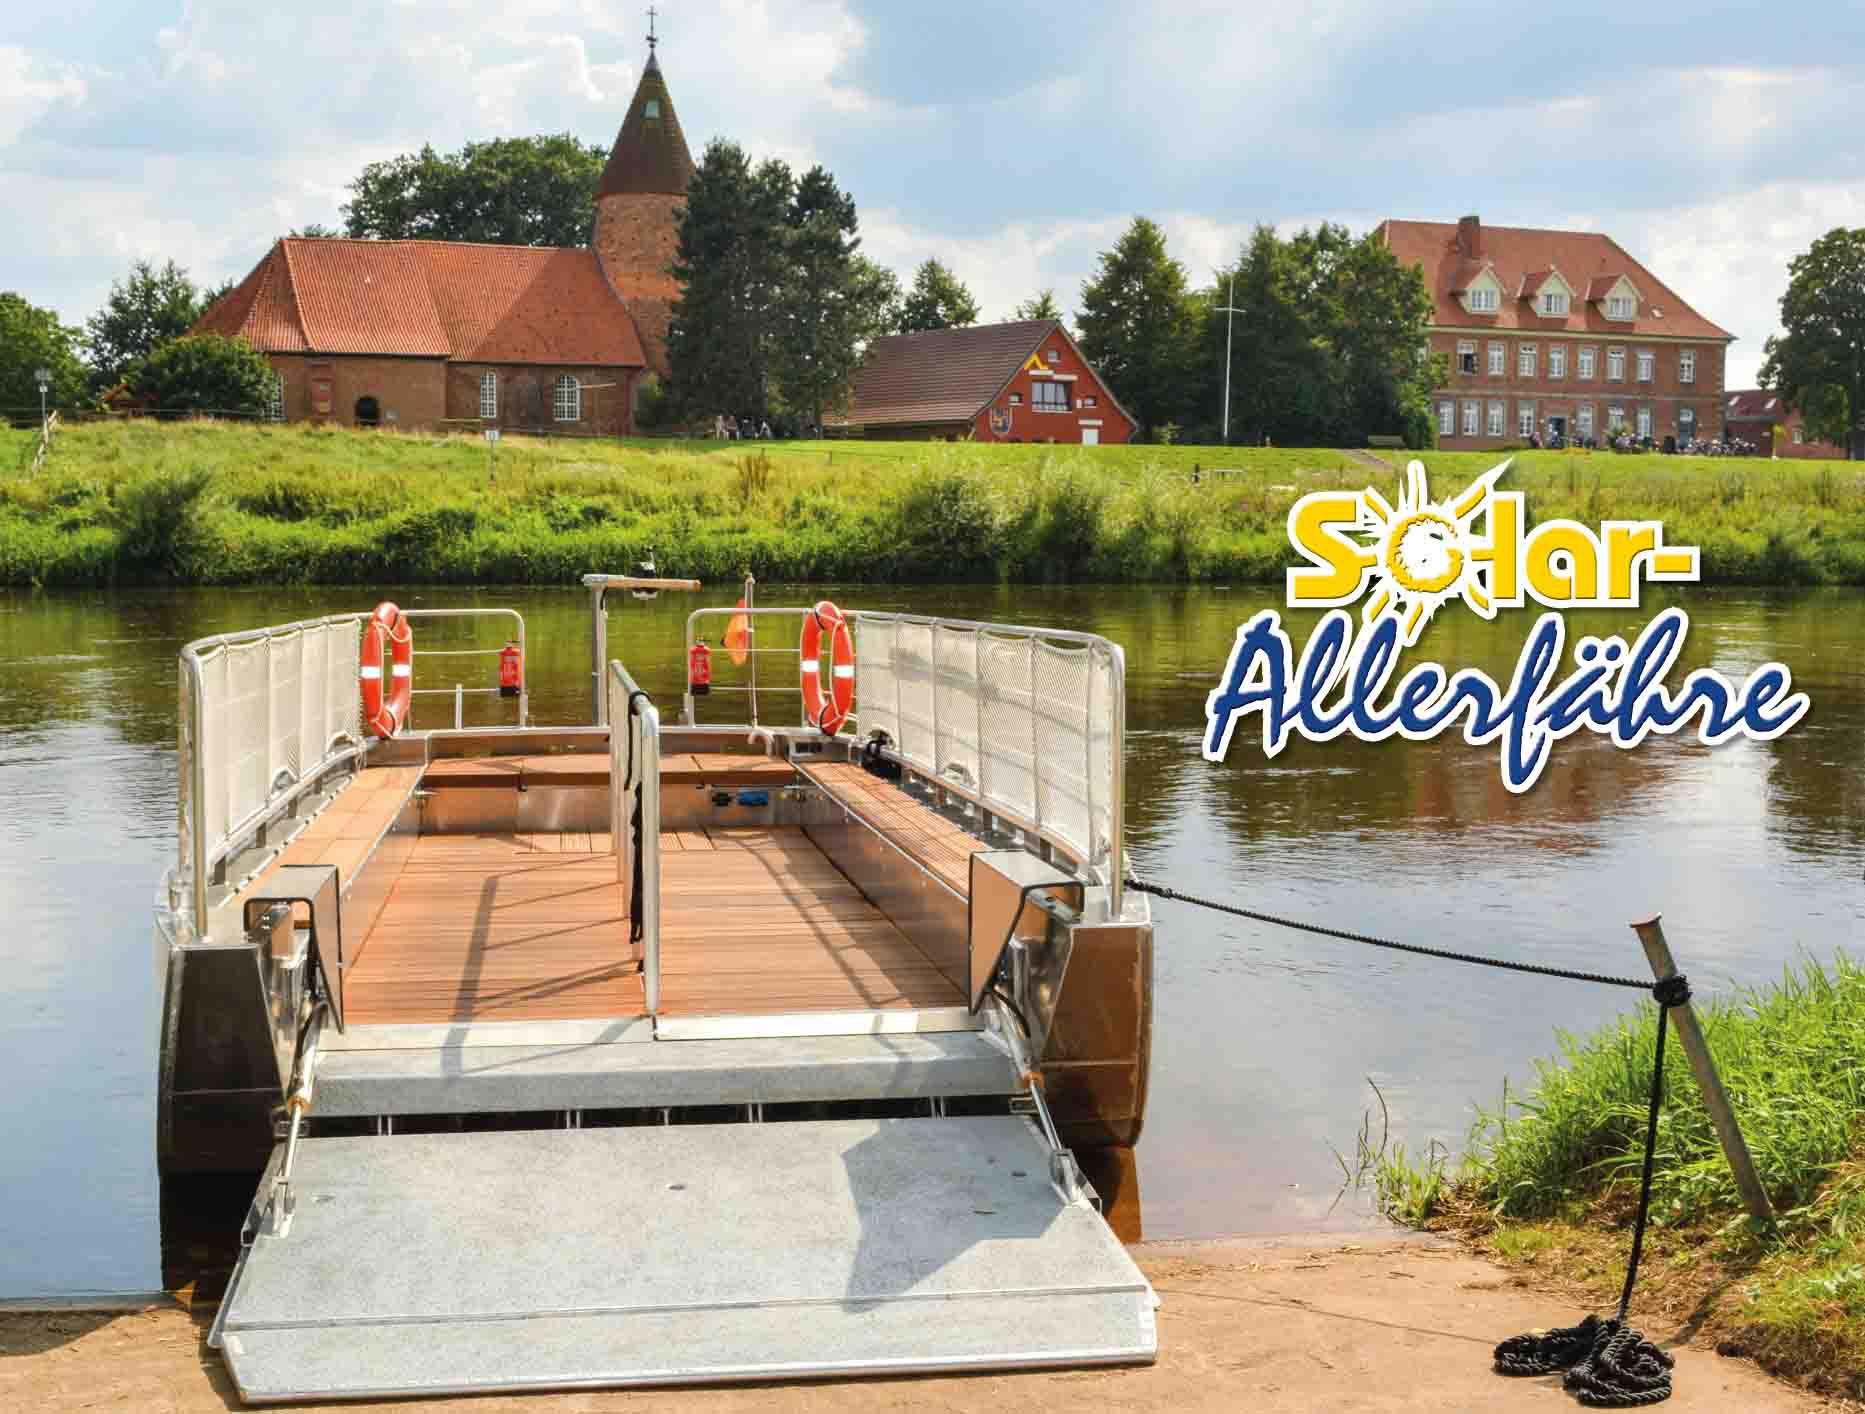 Solar-Allerfaehre-02.jpg